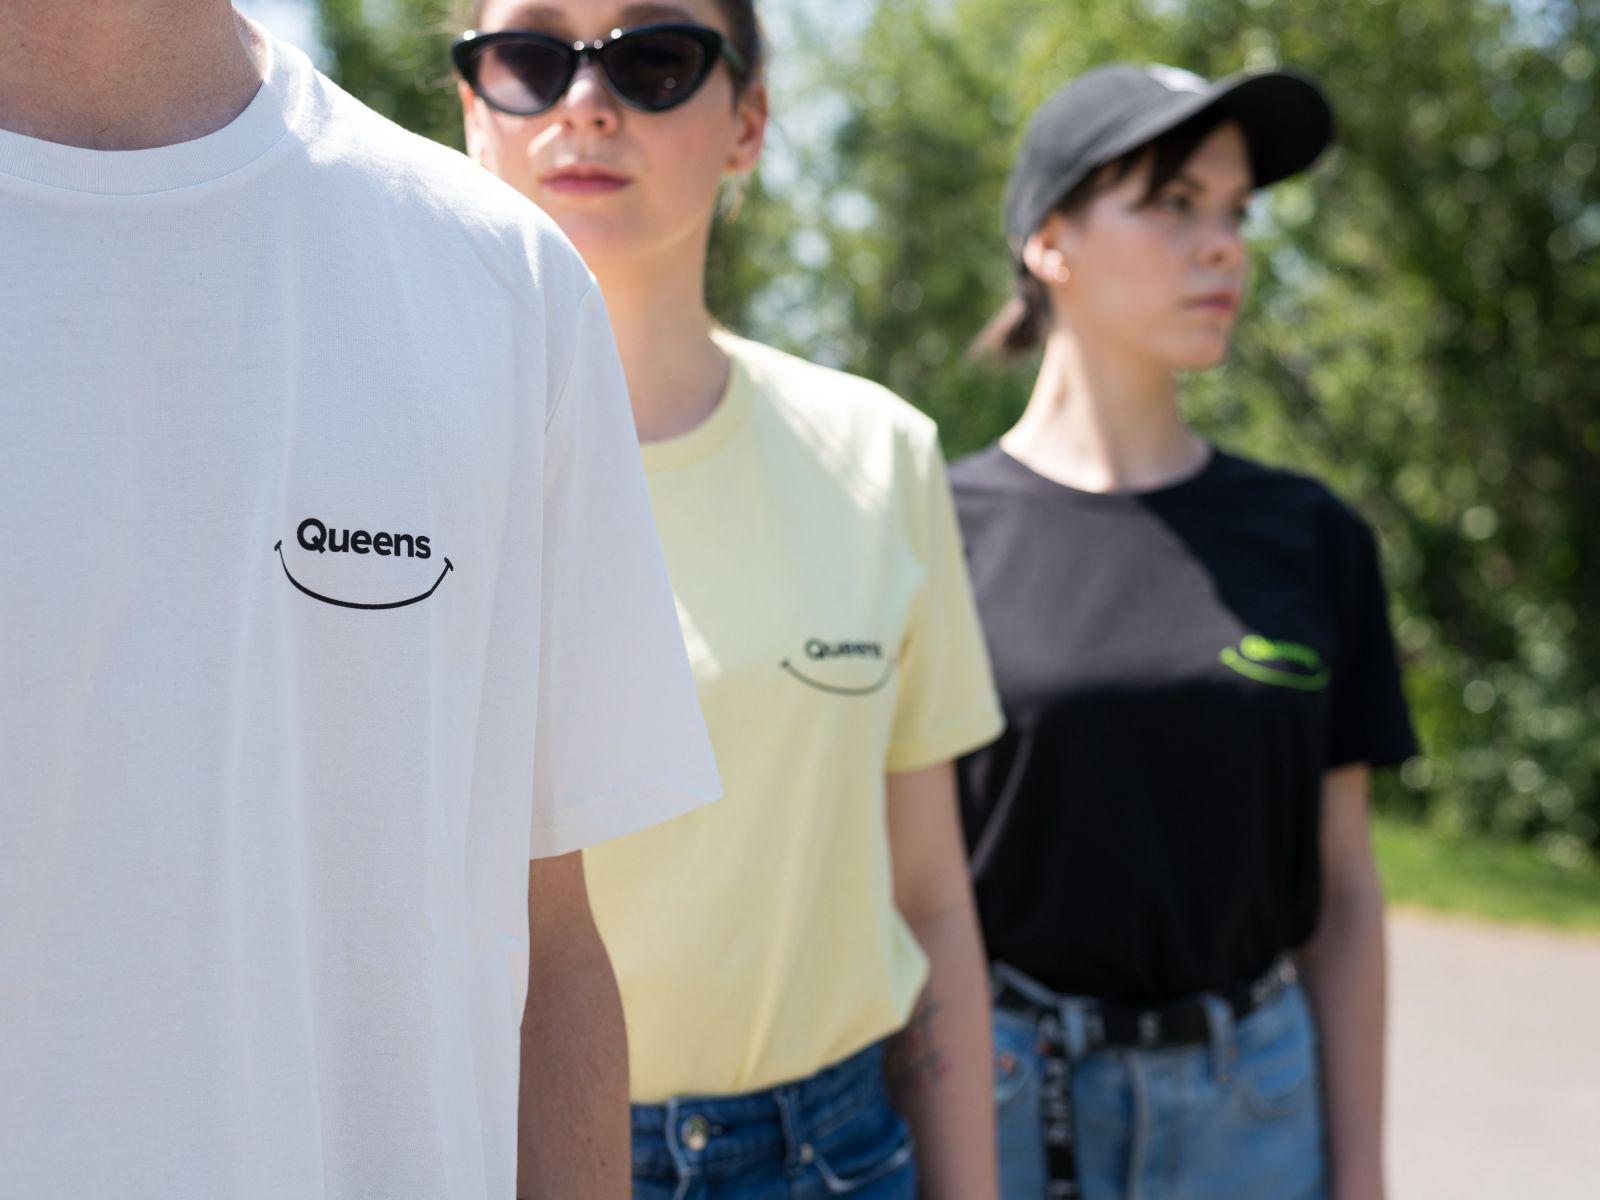 Pozitivní kolekce od Queens odkazuje na estetiku 90. let. Podpořila charitativní projekt, který pomáhá chudým